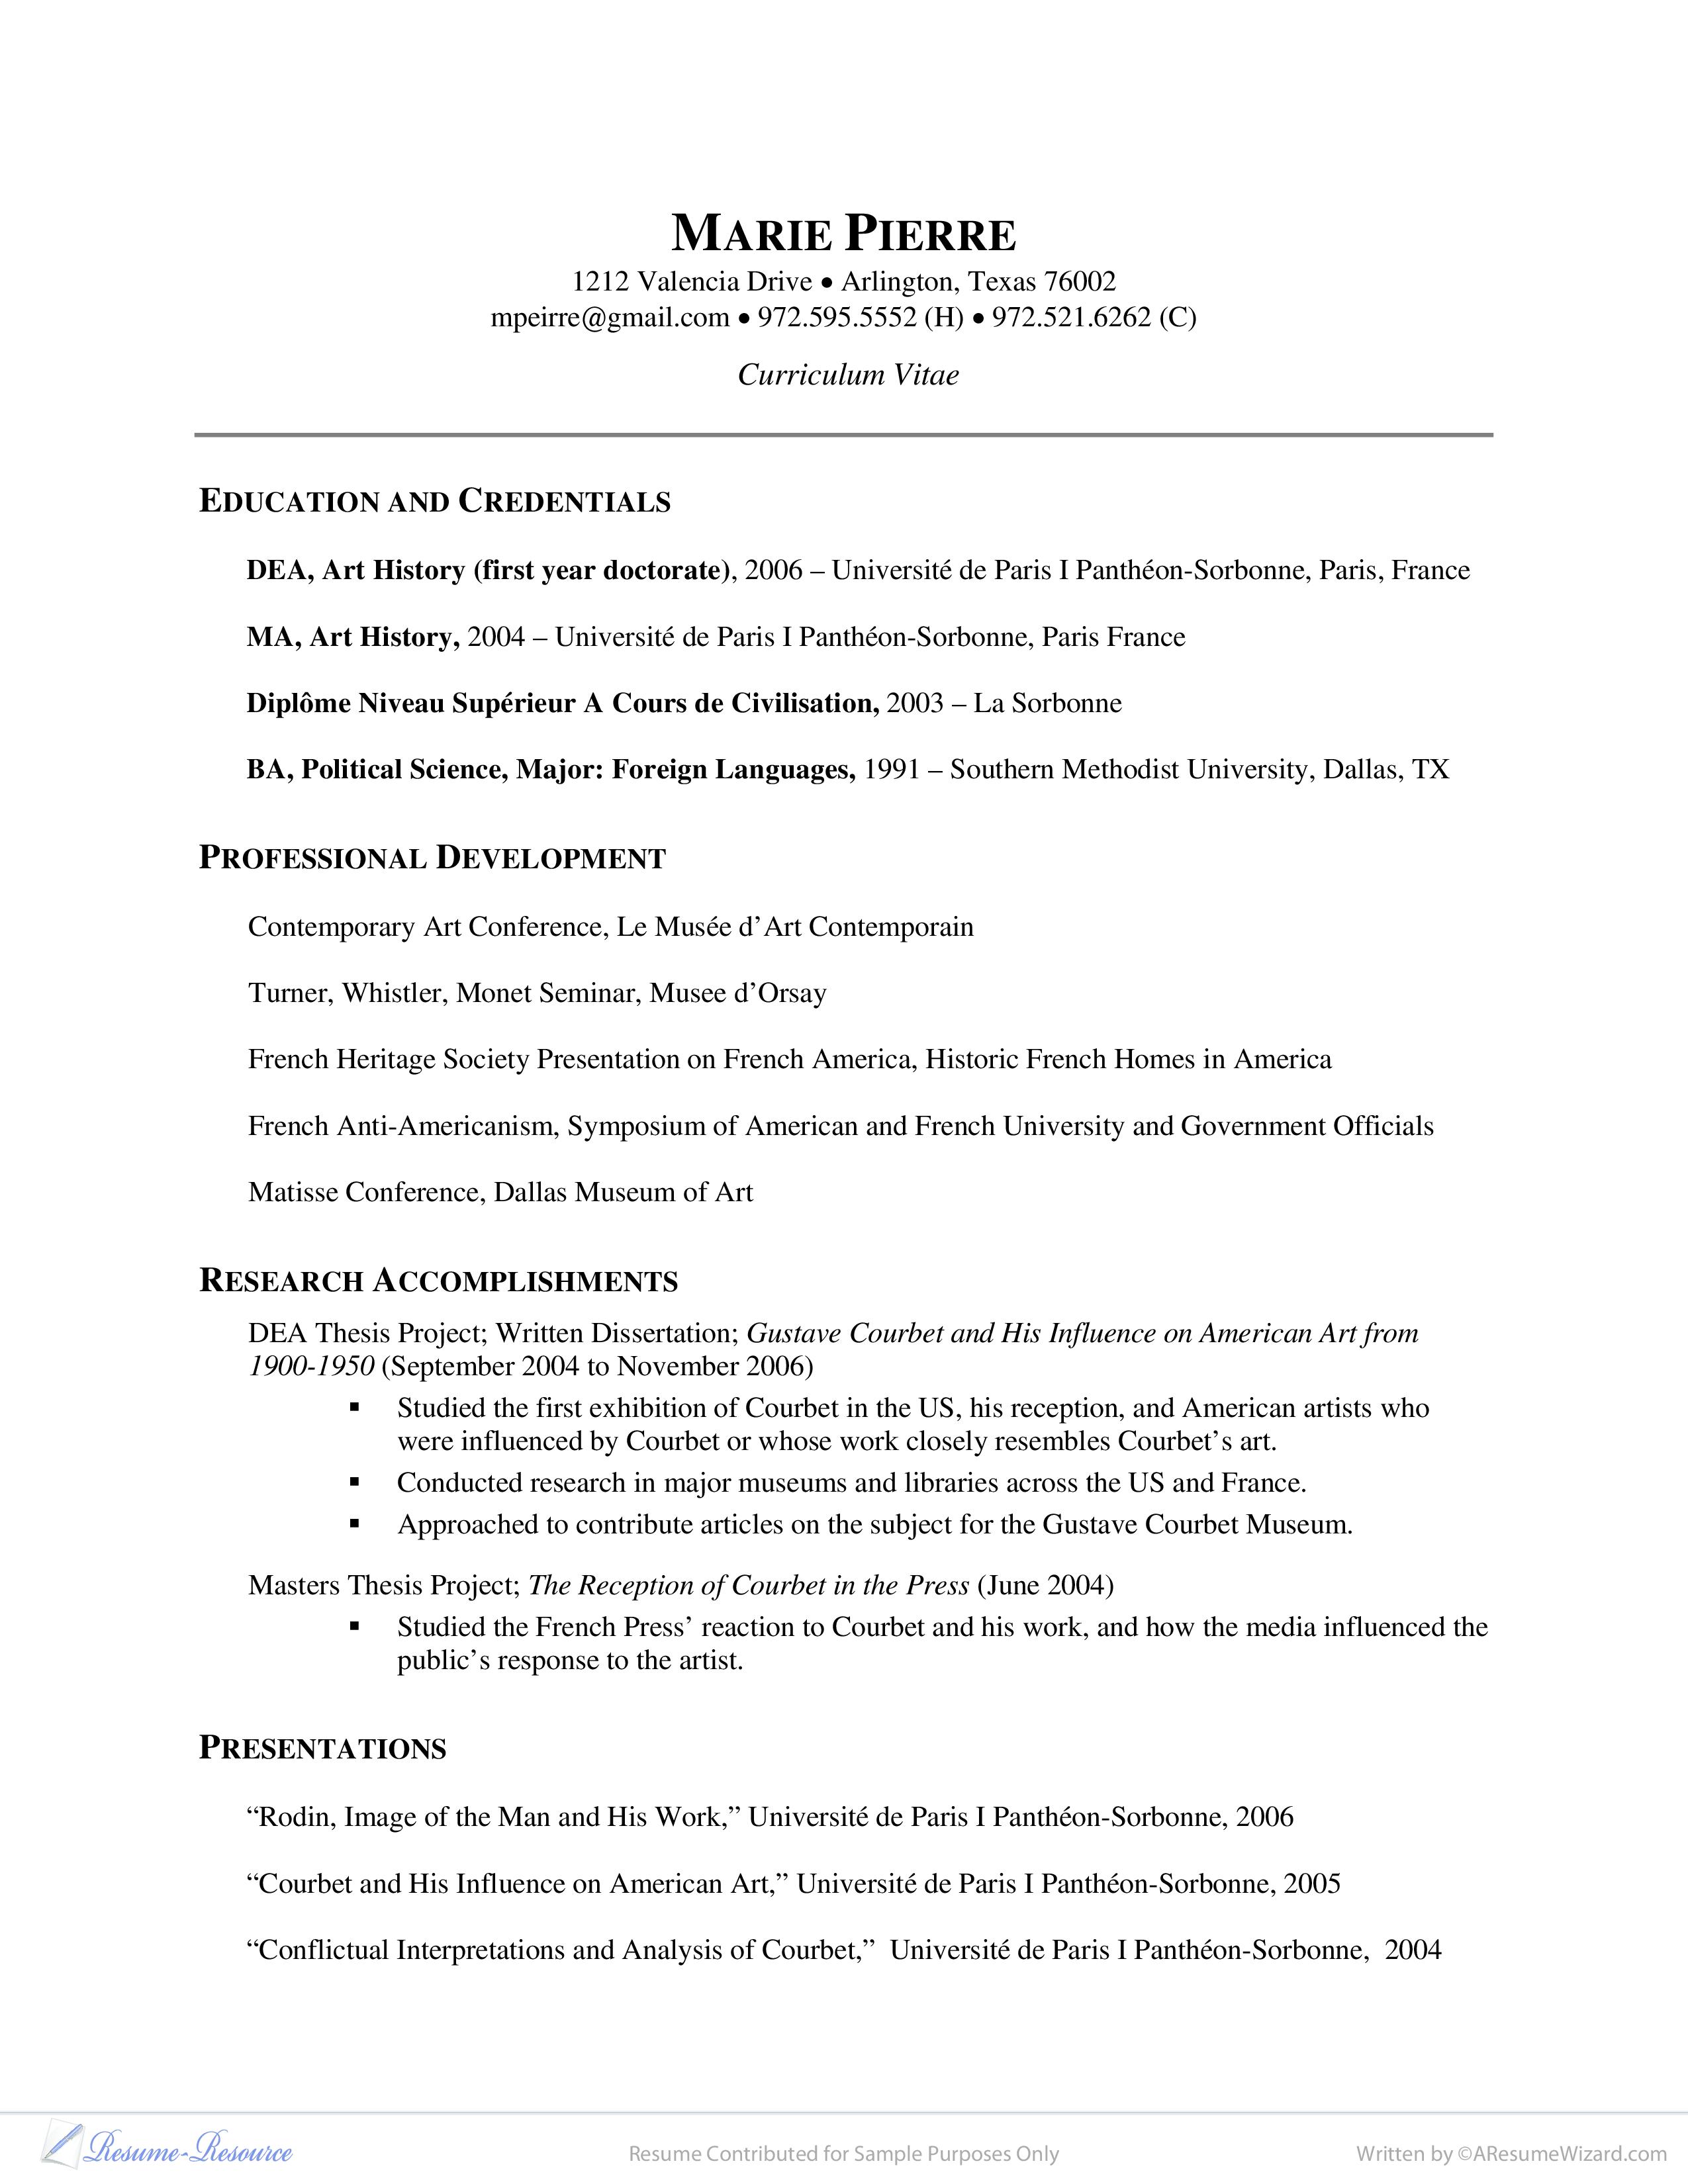 curriculum vitae example researcher art history education cv example - Historical Researcher Sample Resume